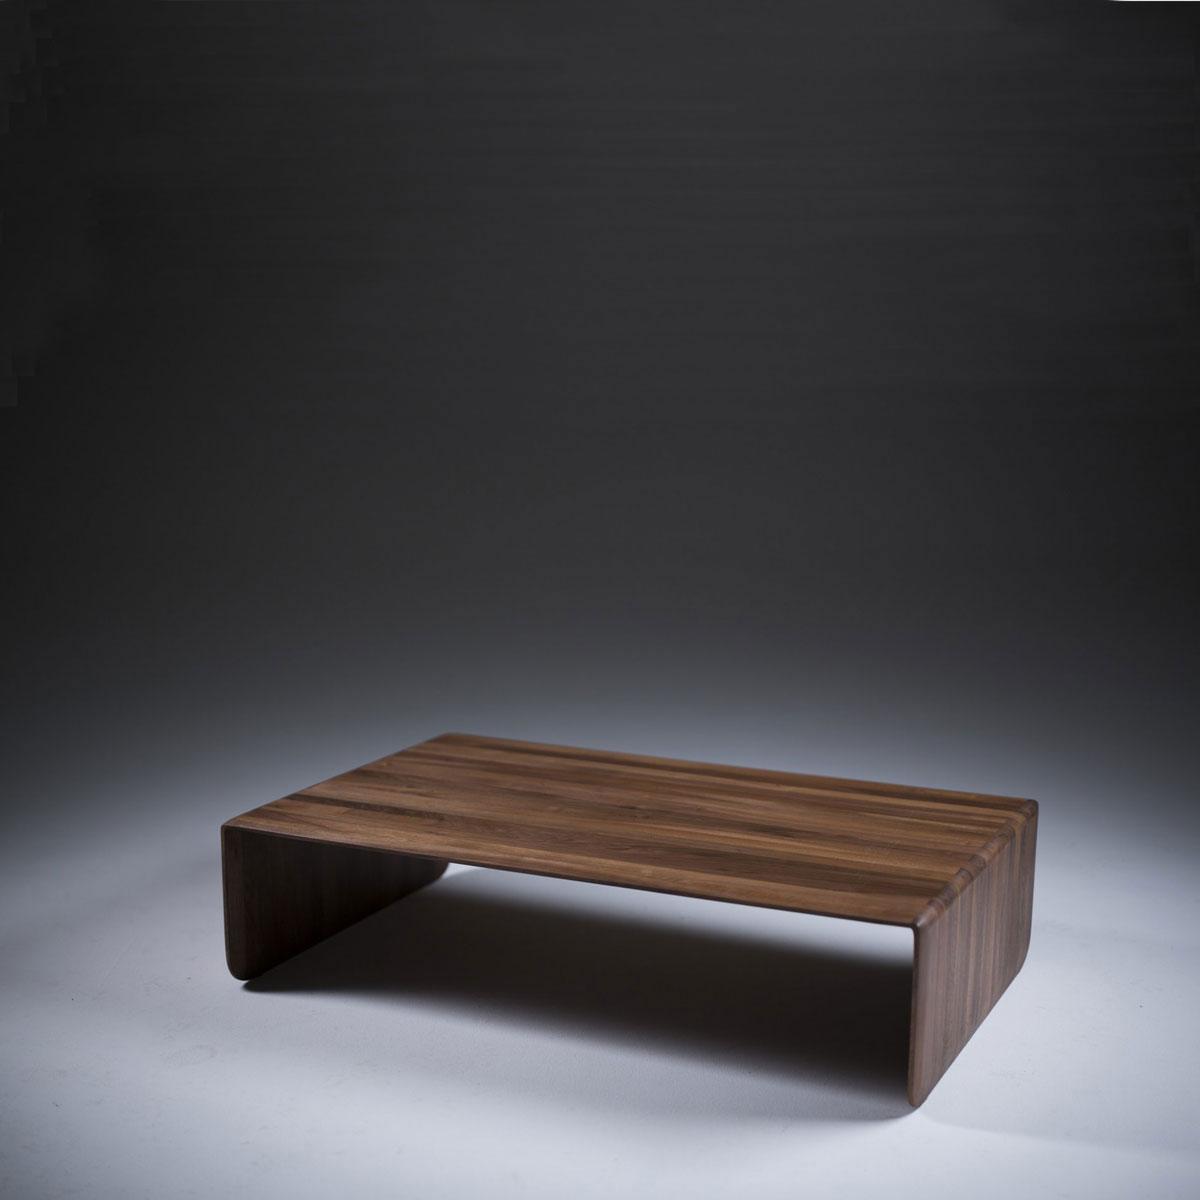 Mesa Cafe Invito en madera con diseño moderno y actual, realizada de forma exclusiva en Europa para Artisan